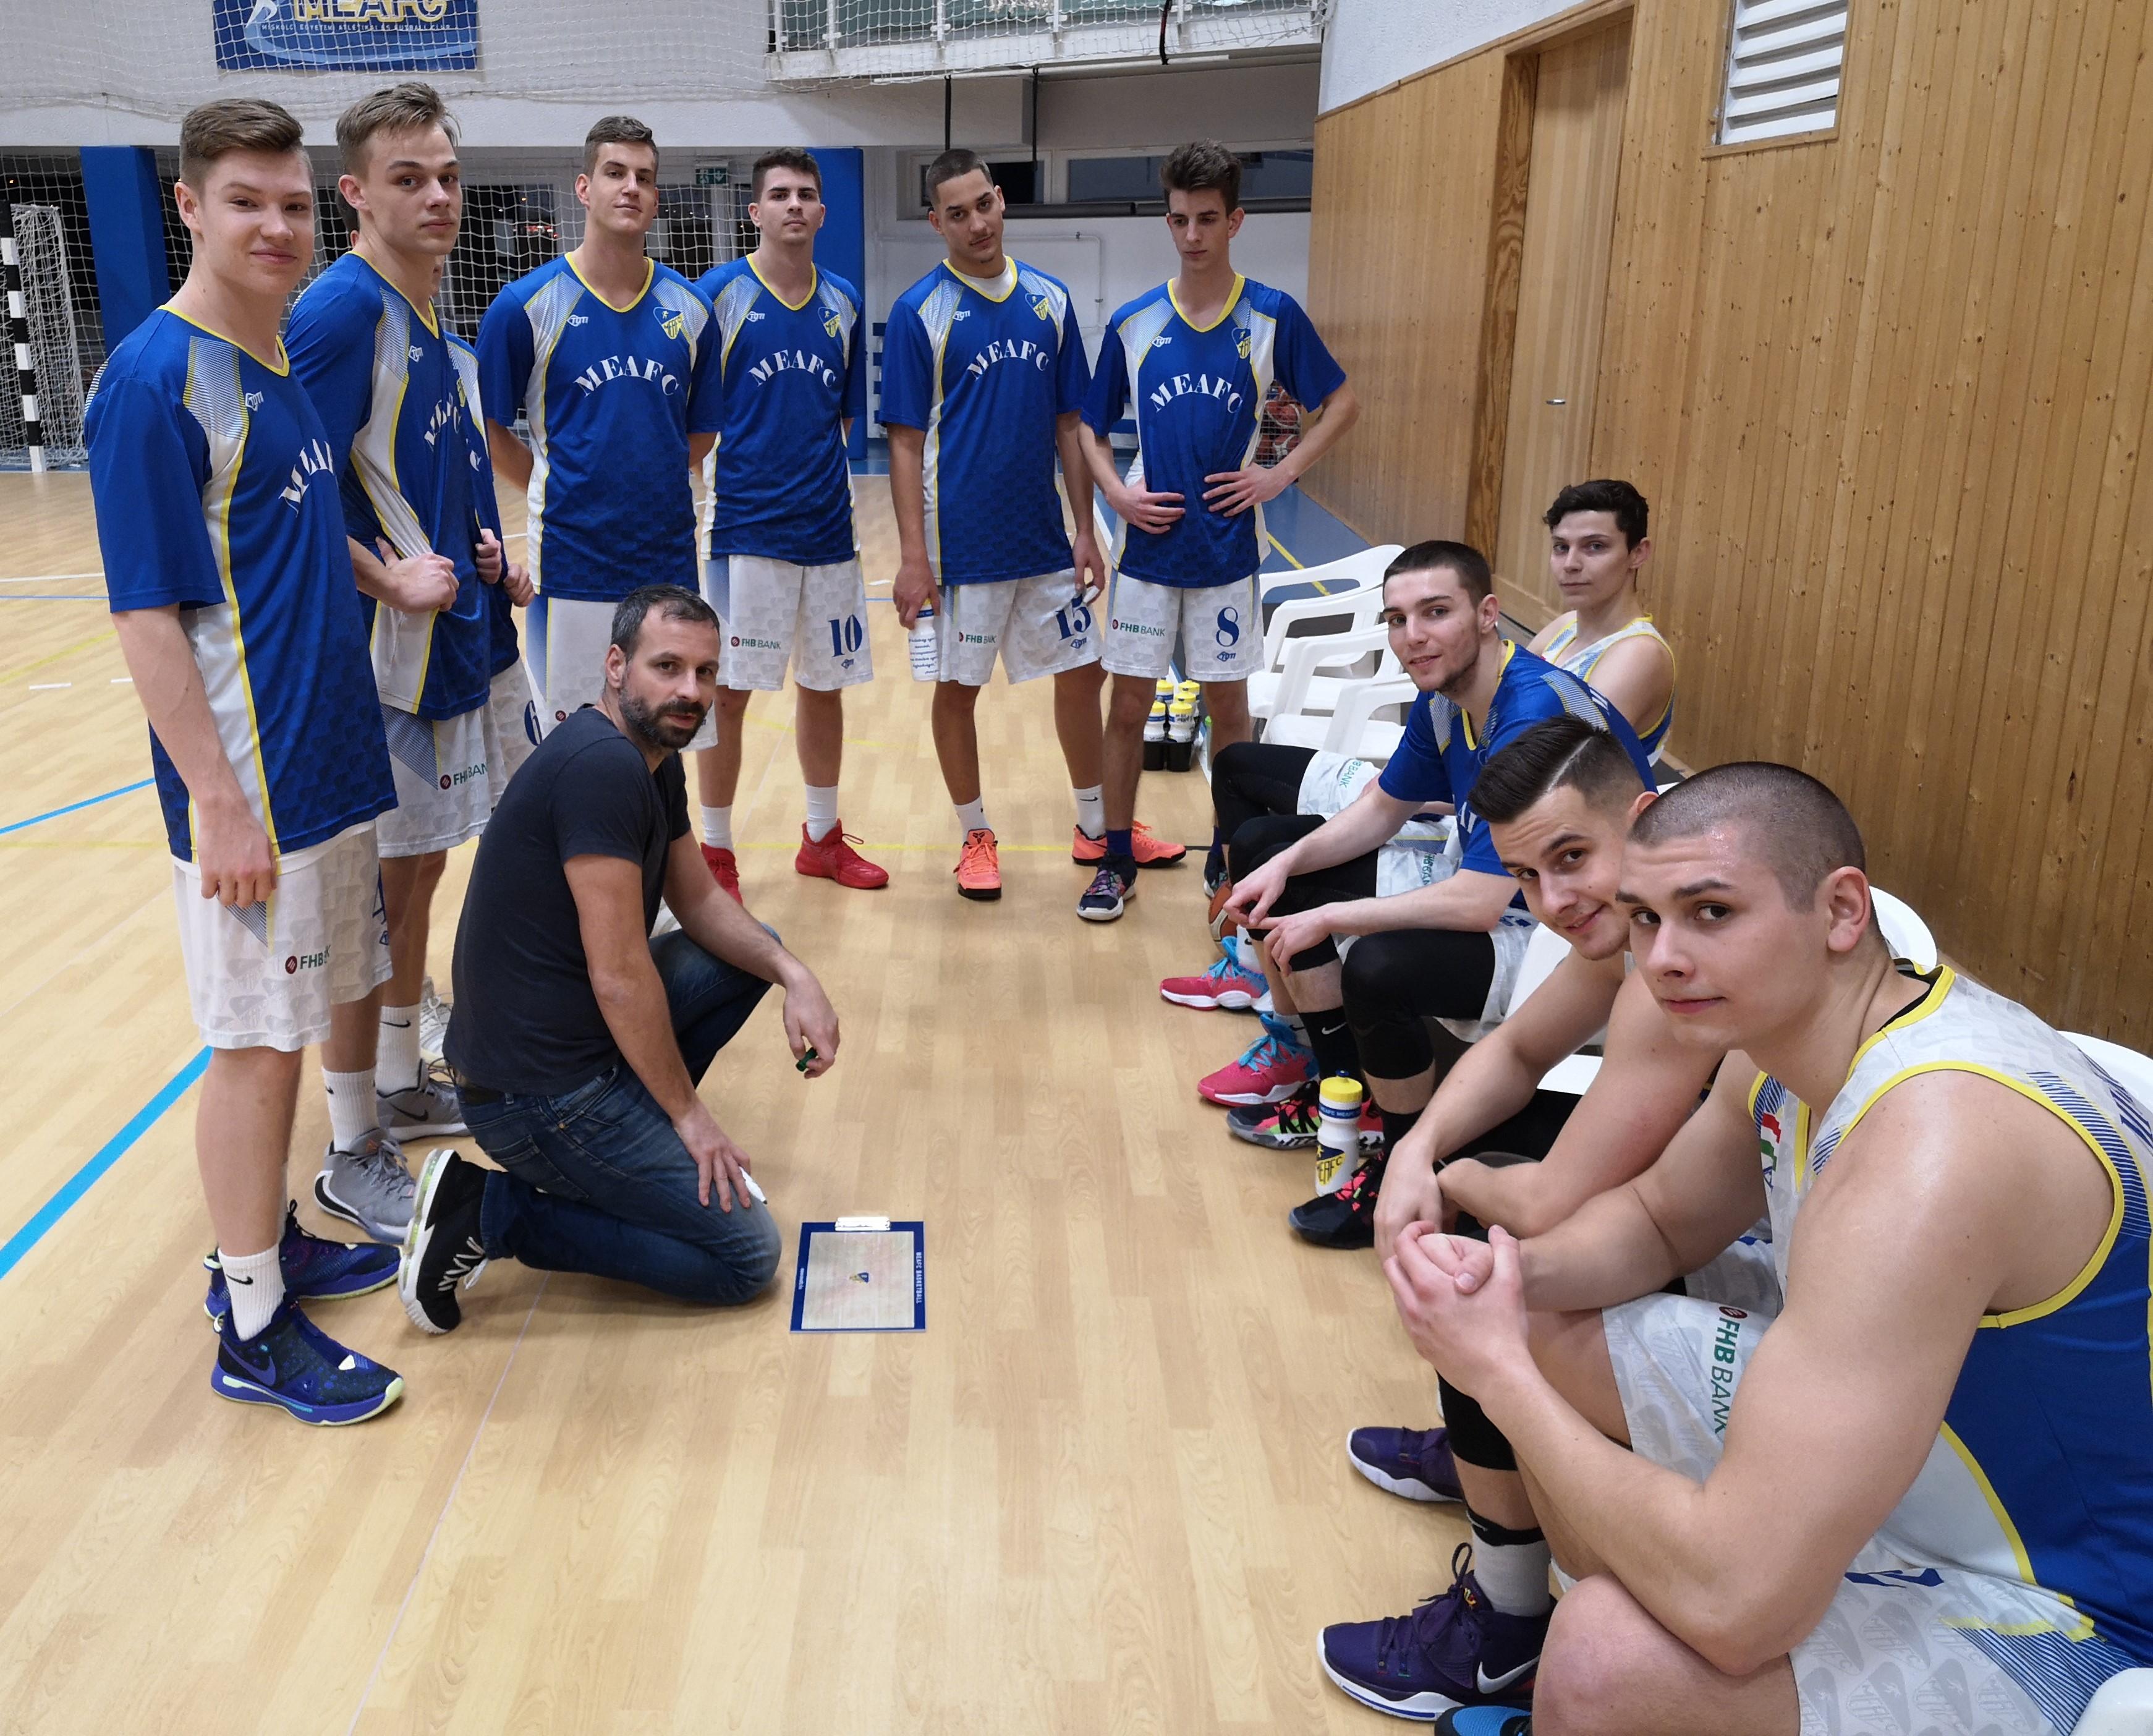 Egyetemi bajnokság, férfiak: A Miskolc megfosztotta veretlenségétől a címvédő TF-et